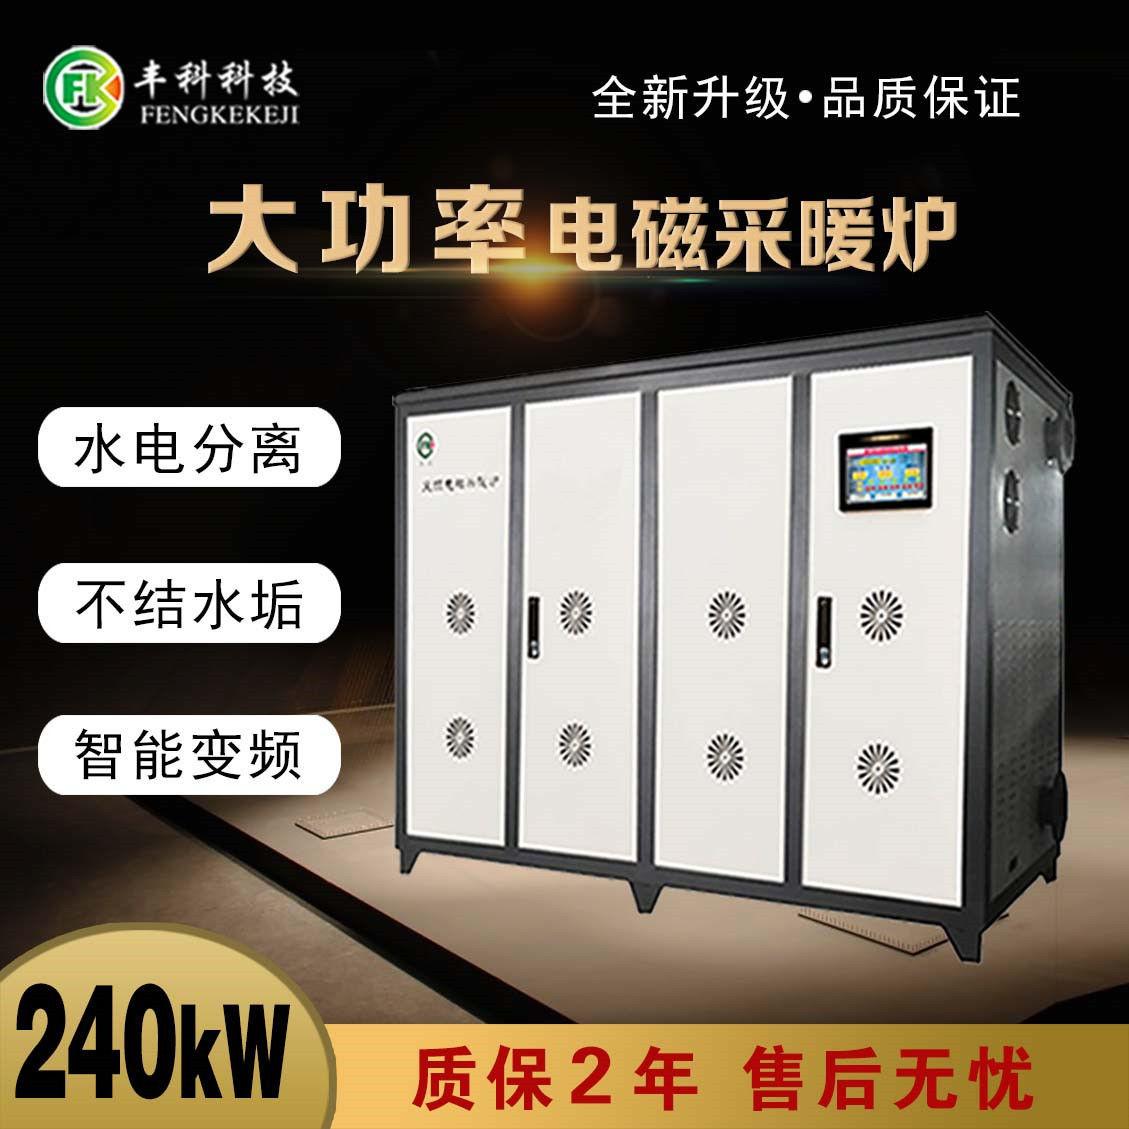 240kW全自动智能电磁变频采暖炉环保节能电锅炉取暖器